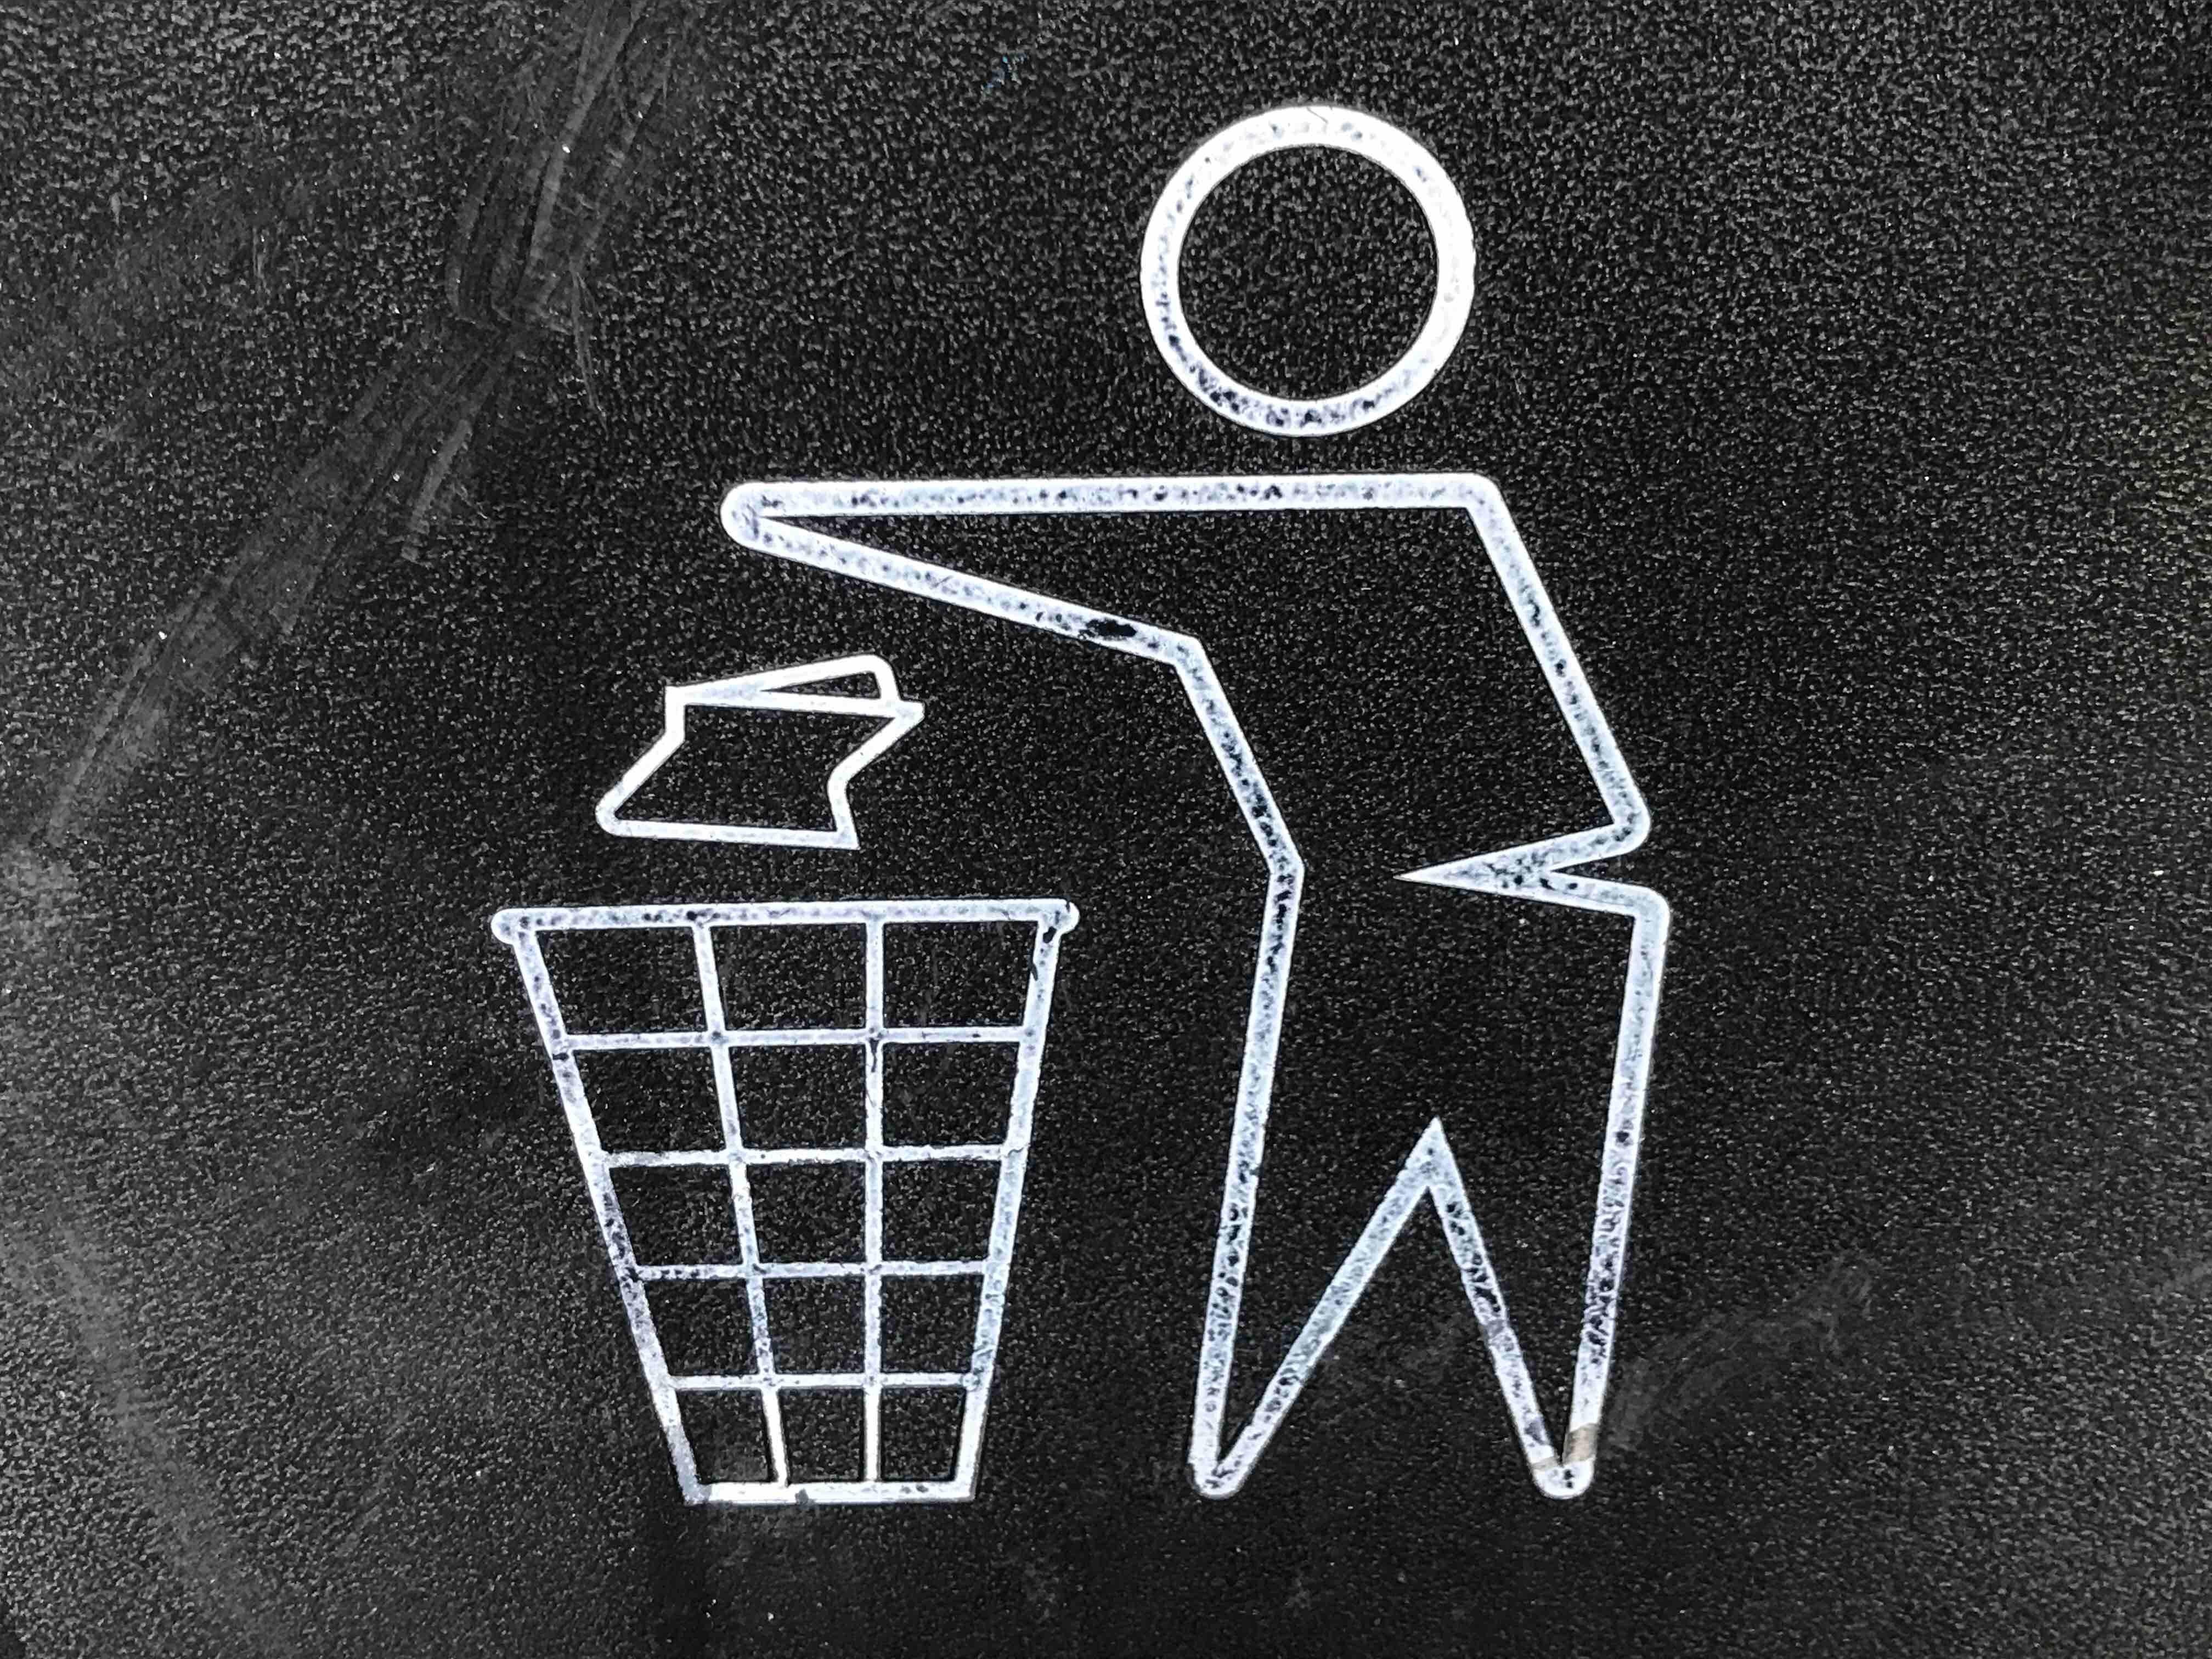 raccolta rifiuti velo d'astico